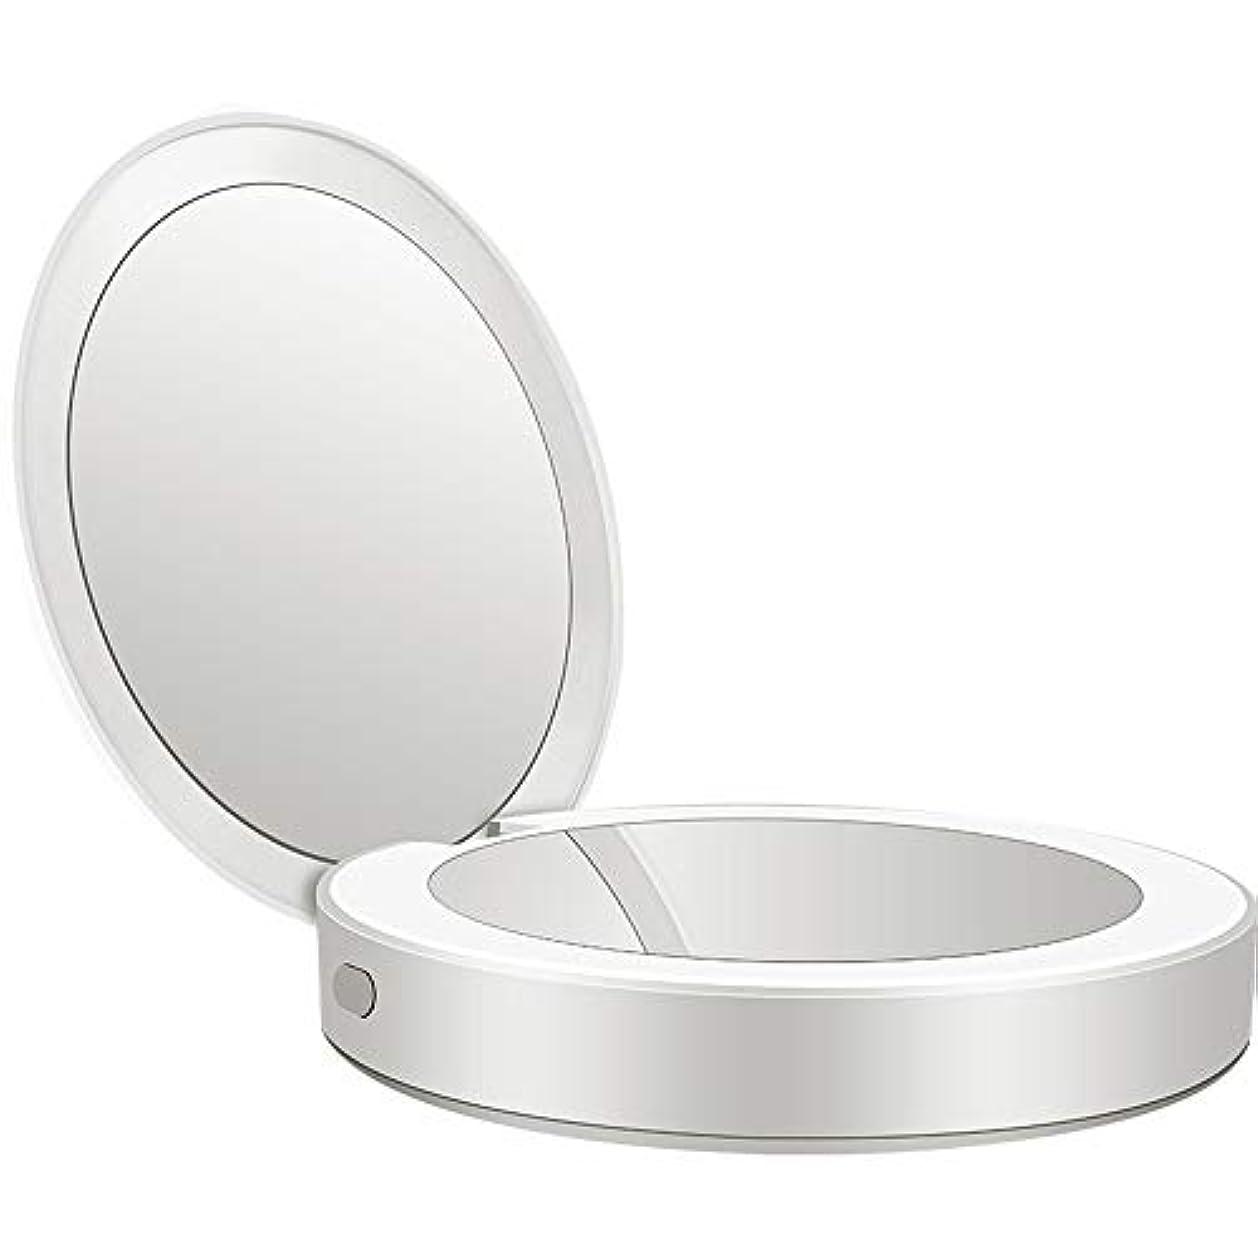 最大早い急降下流行の 新しい多機能ポータブル折りたたみLEDライト化粧鏡フィルライト充電宝物鏡ABS素材ギフトギフトライト充電虫眼鏡 (色 : Silver)